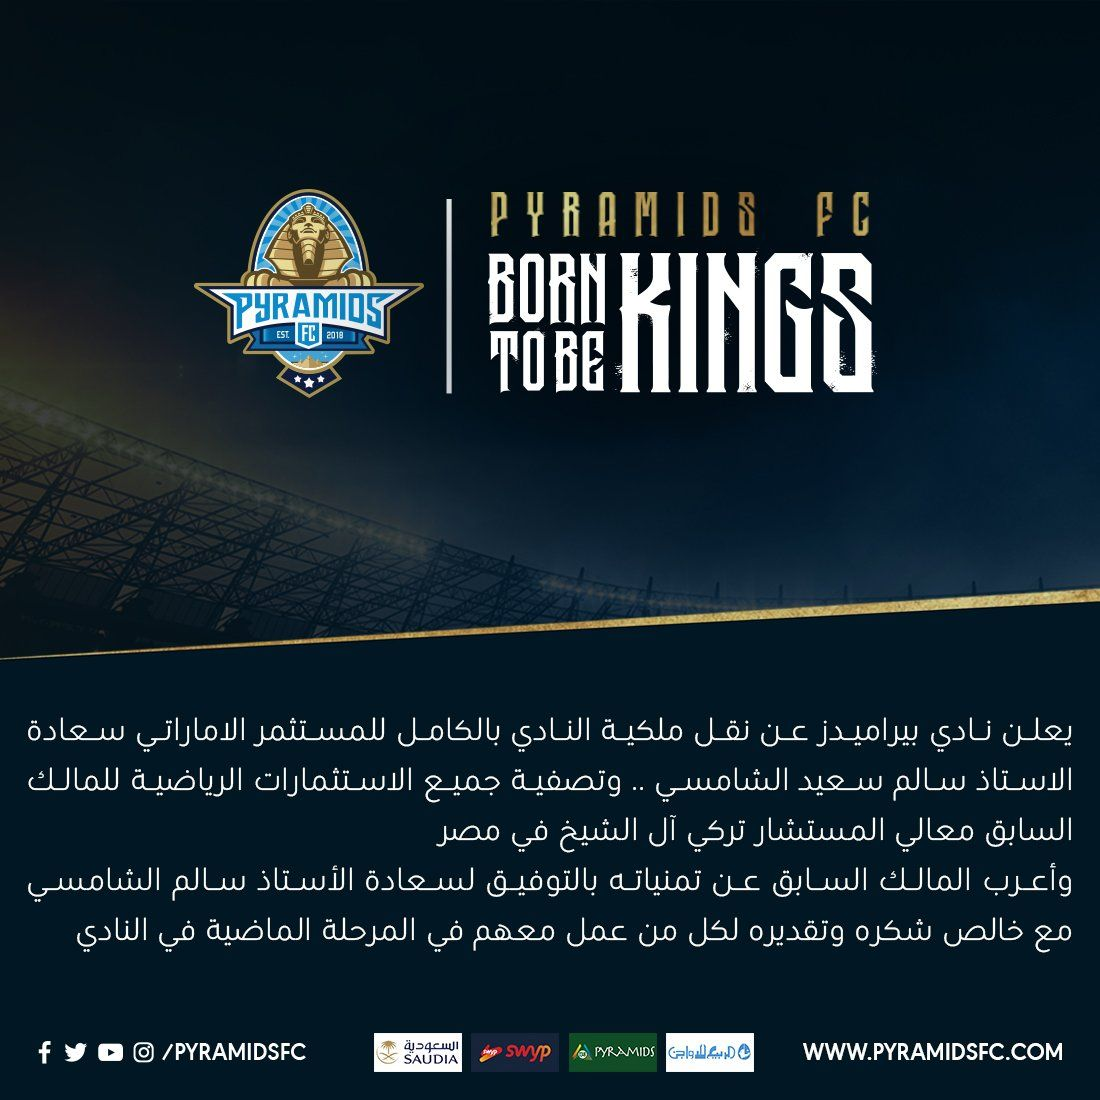 مفاجأة بالصور تركي آل شيخ يعلن عن بيع نادي بيراميدز وتصفية استثمارته الرياضية في مصر Movie Posters Pyramids Pandora Screenshot